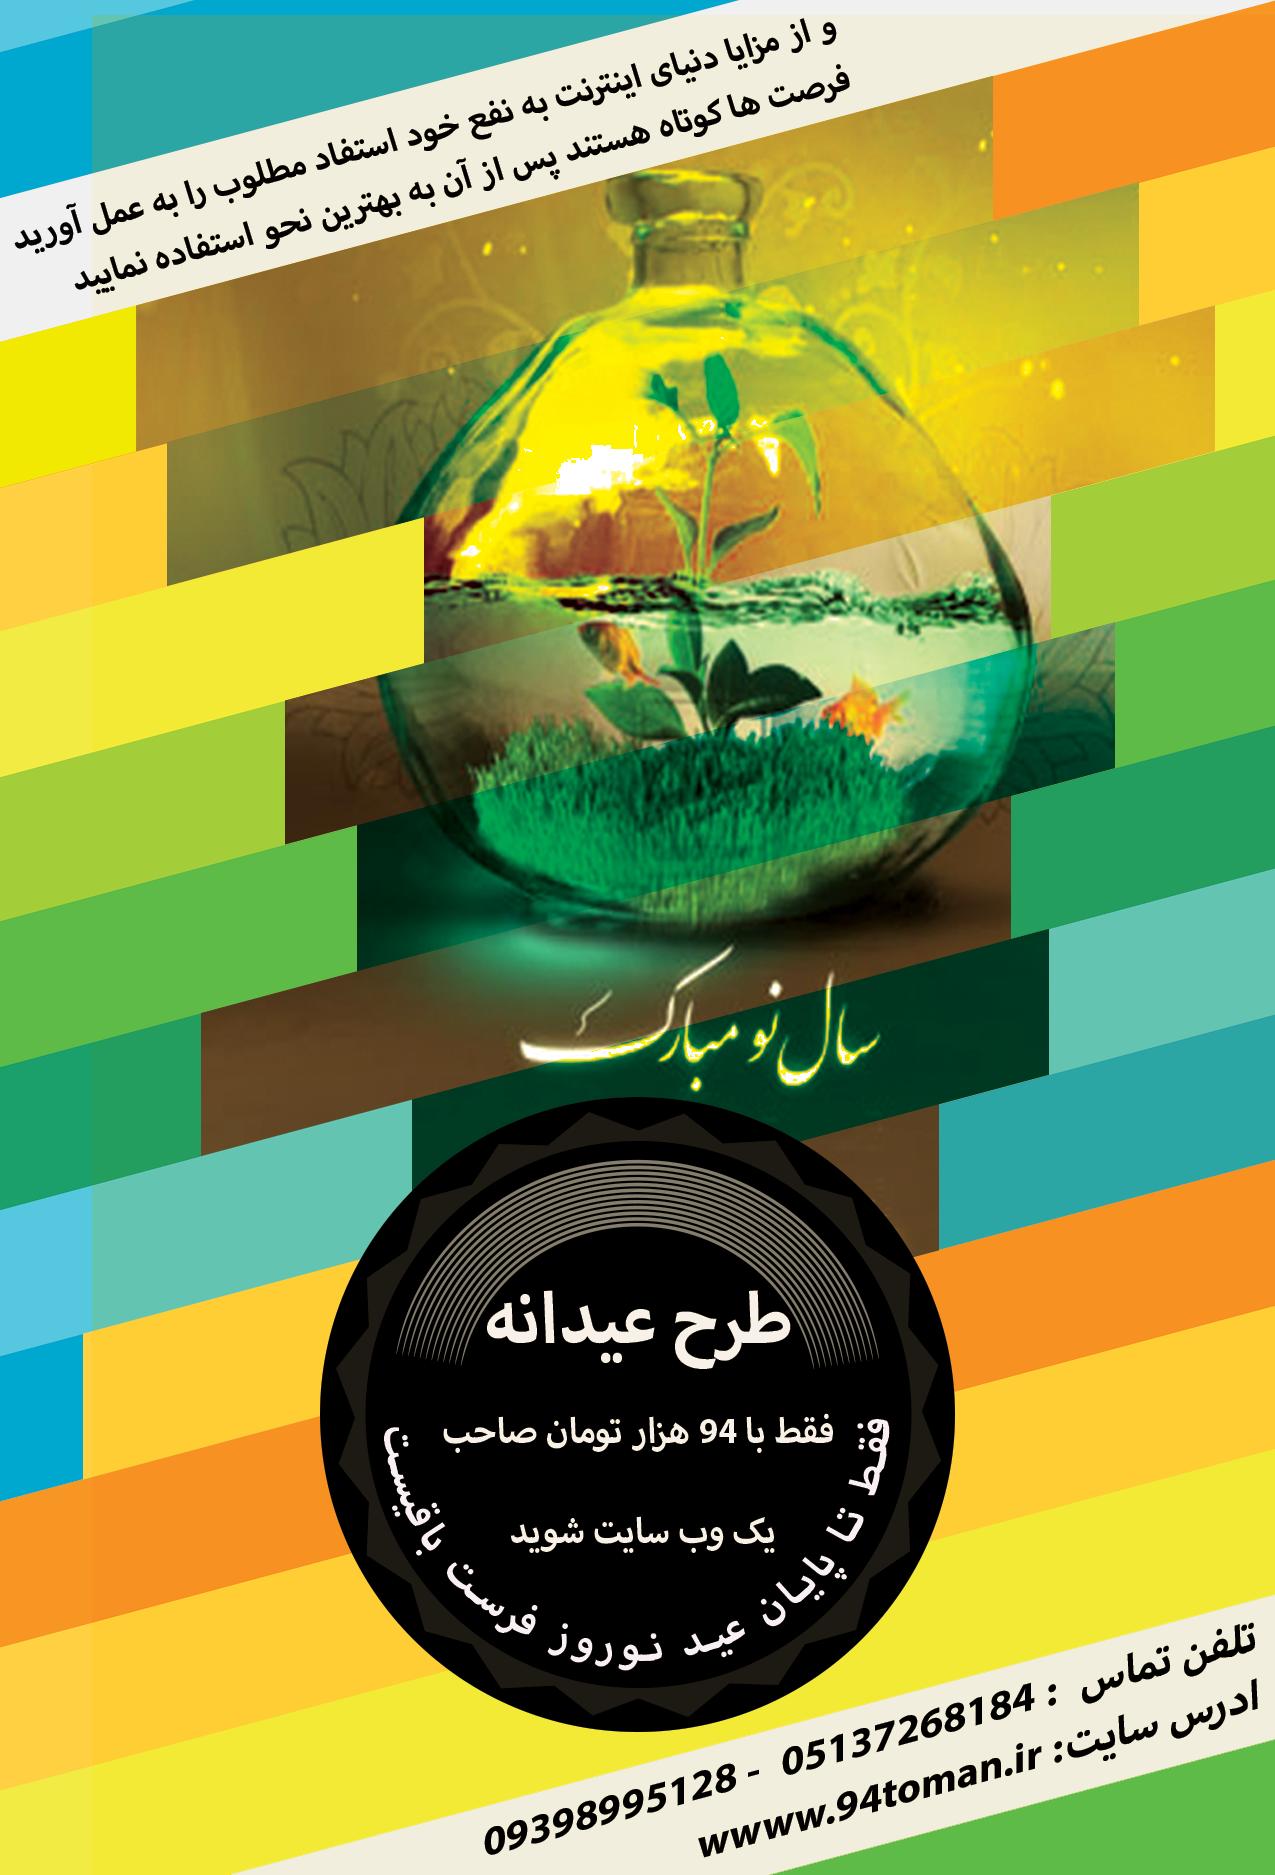 طراحی سایت فقط با 94 هزار تومان- جشنواره عیدانه